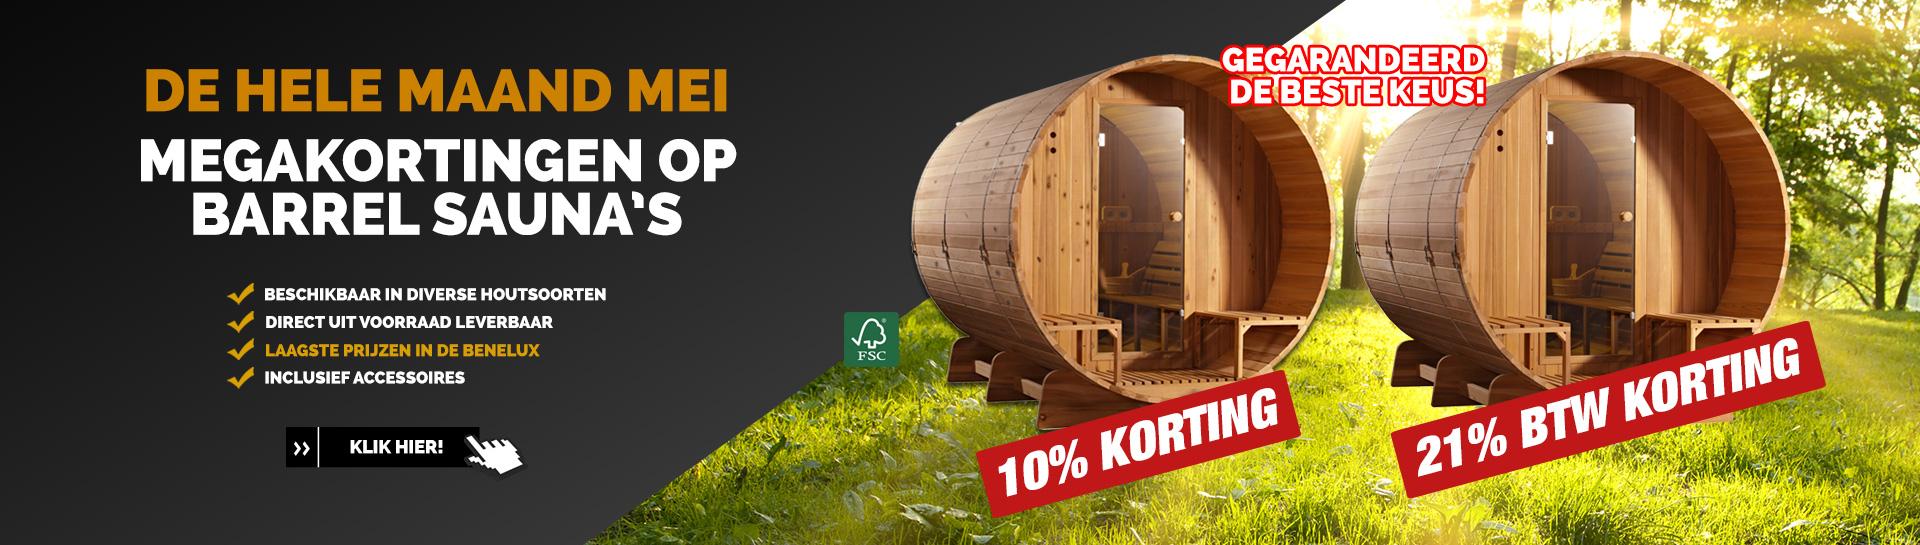 Barrel sauna actie mei